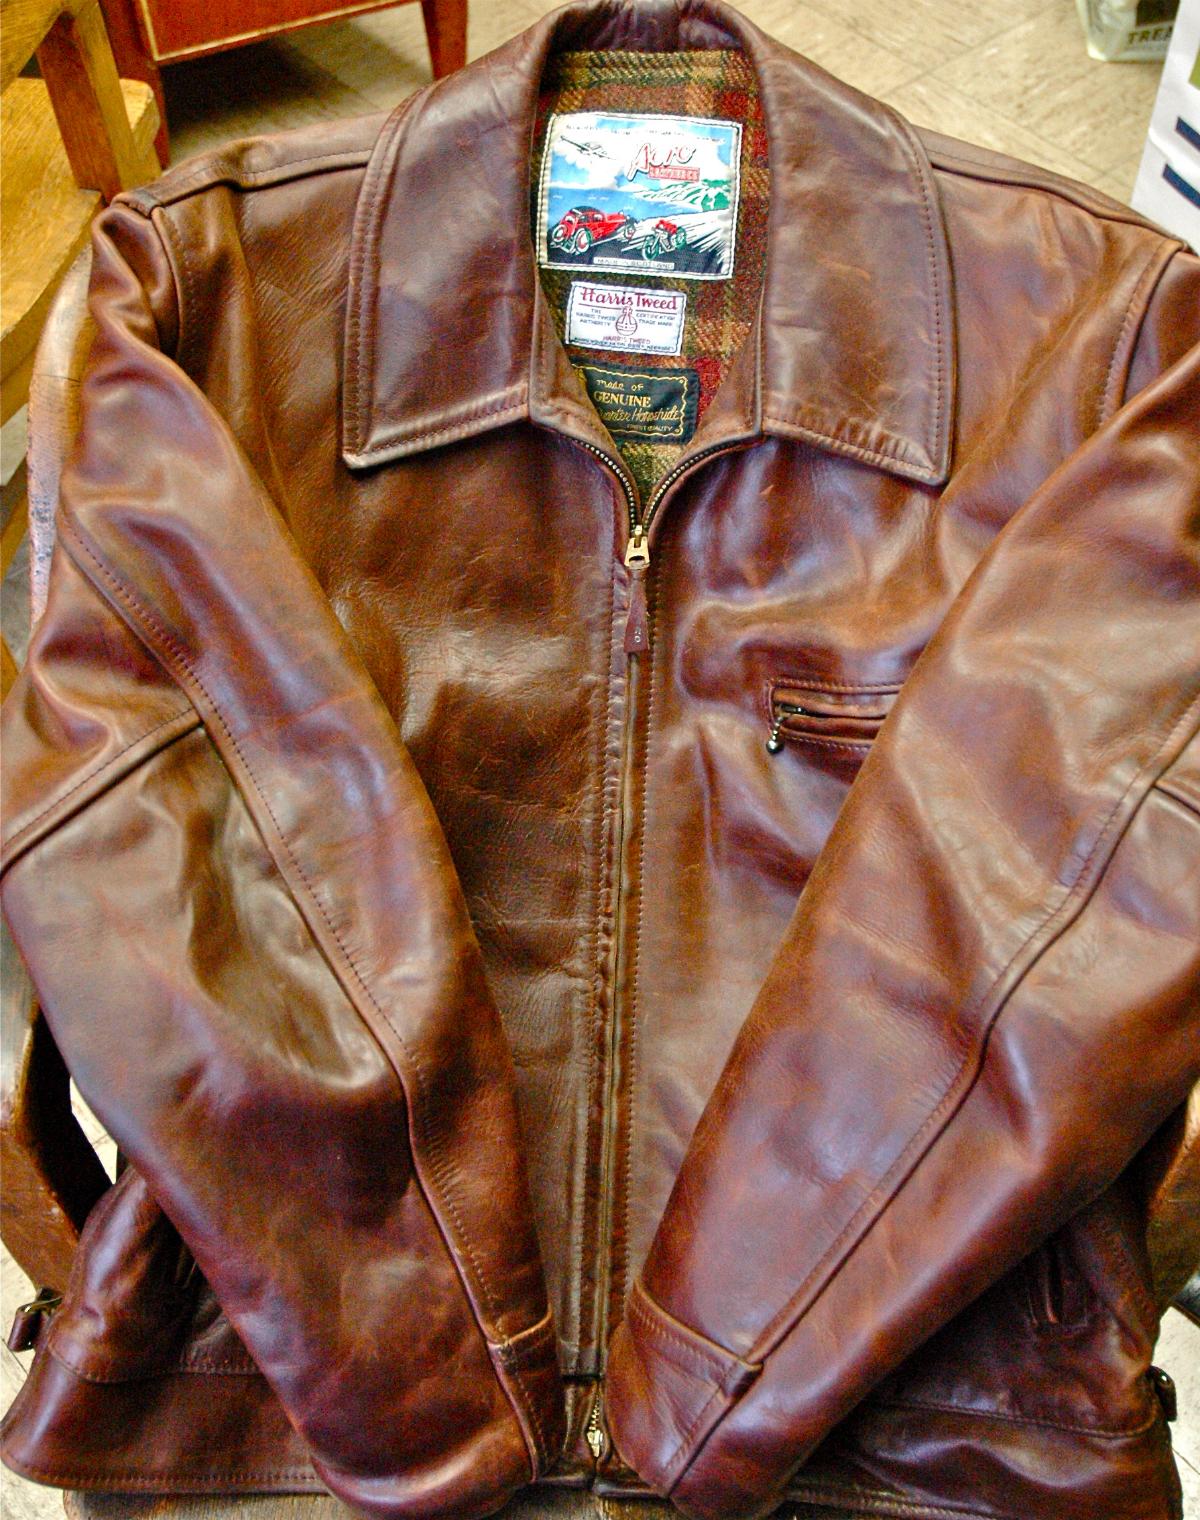 Кожаная куртка Aero Horween Horsehide Chromexcel с подкладкой из шерсти Harris Tweed, коричневая